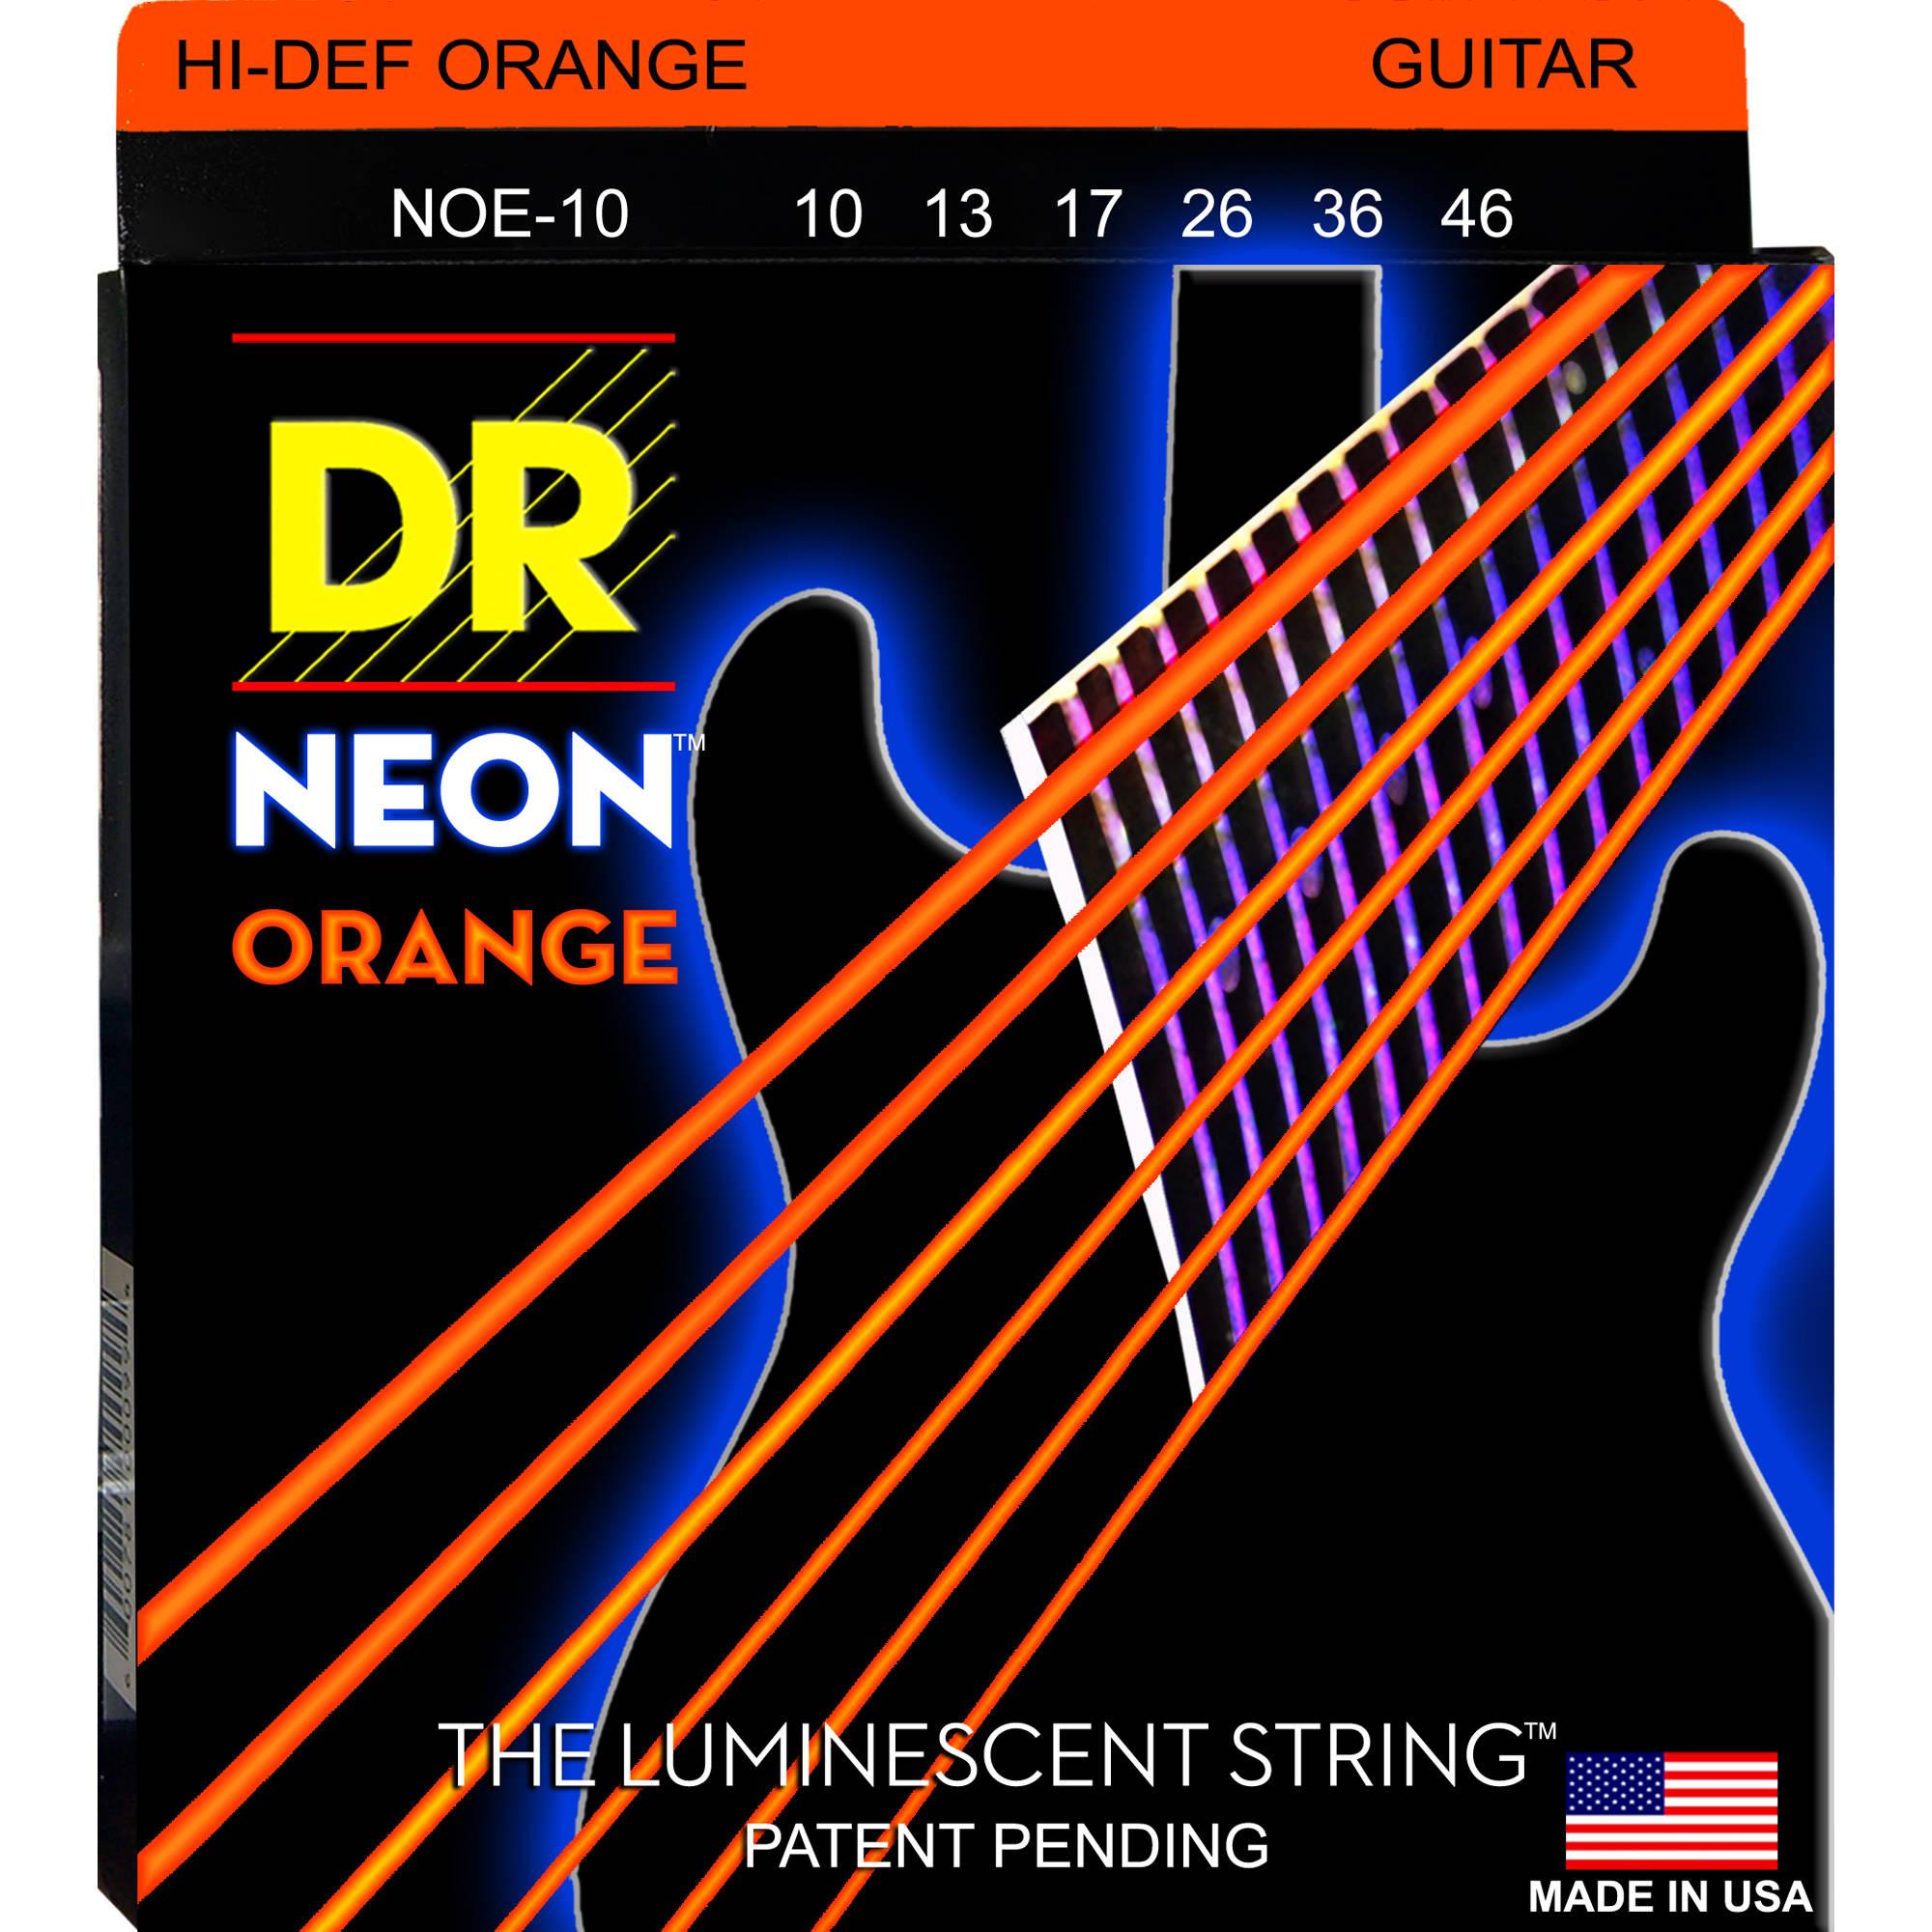 NEON NOE-10 DR Hi-Def Orange Coated Electric Guitar Strings